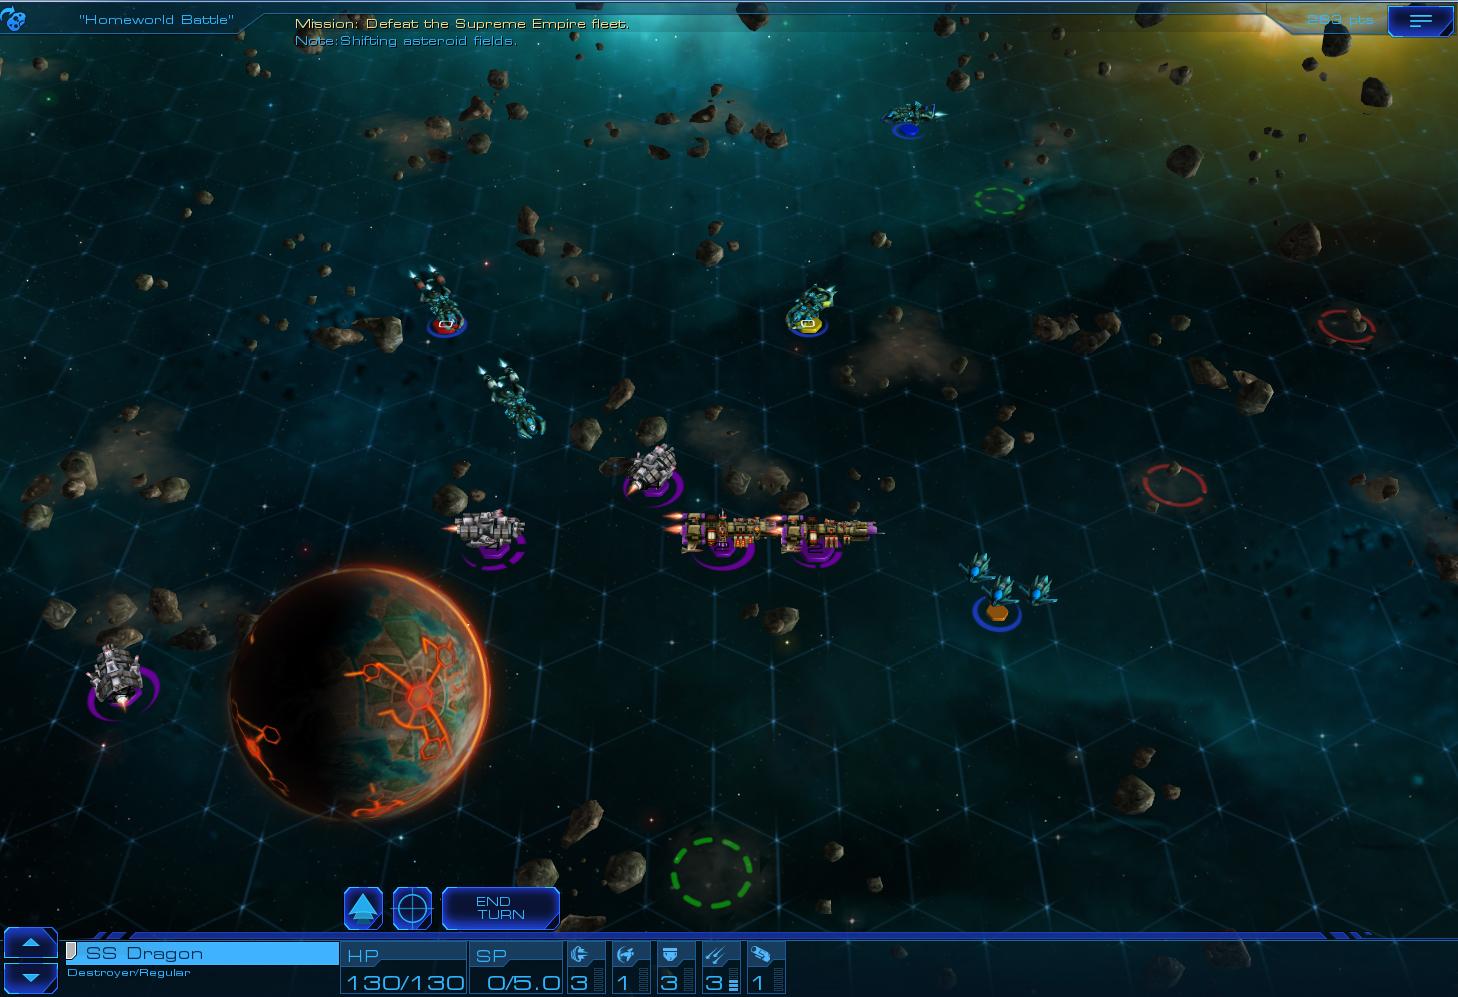 Sid Meier's Starships combat